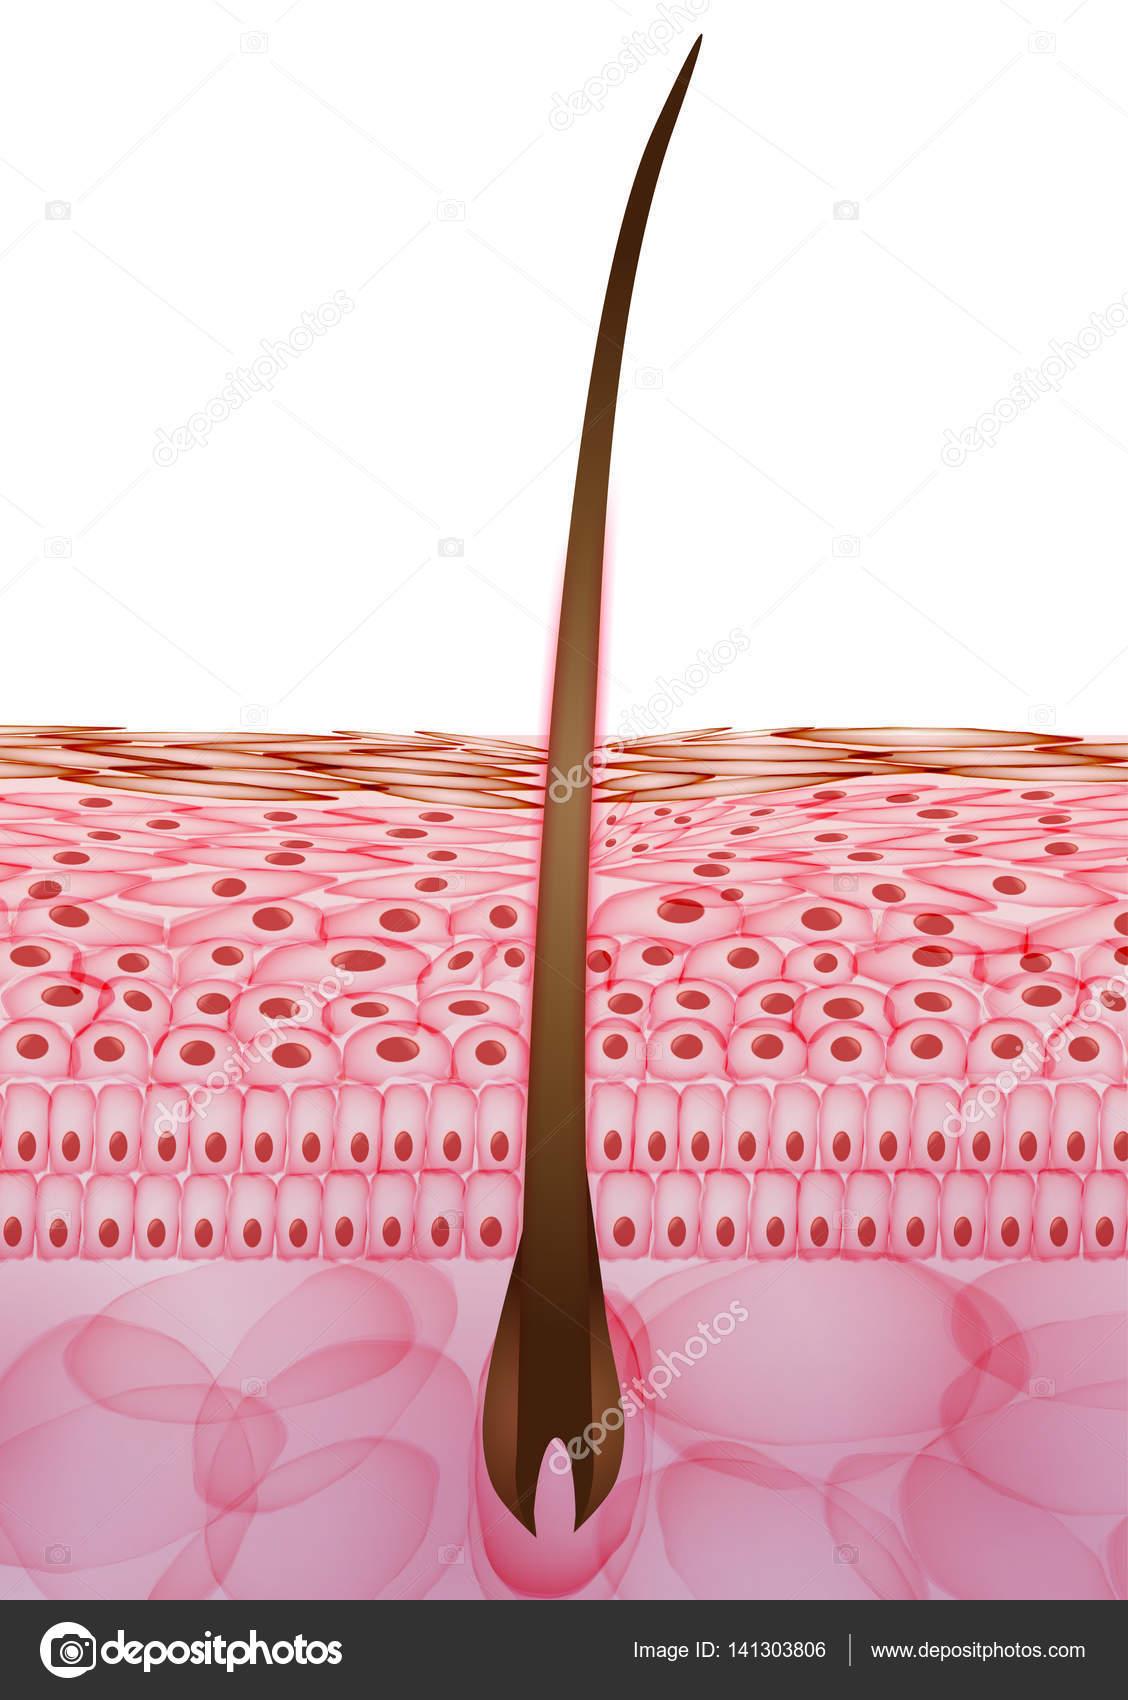 La piel de las células de pelo, capas - ilustración de vectores ...